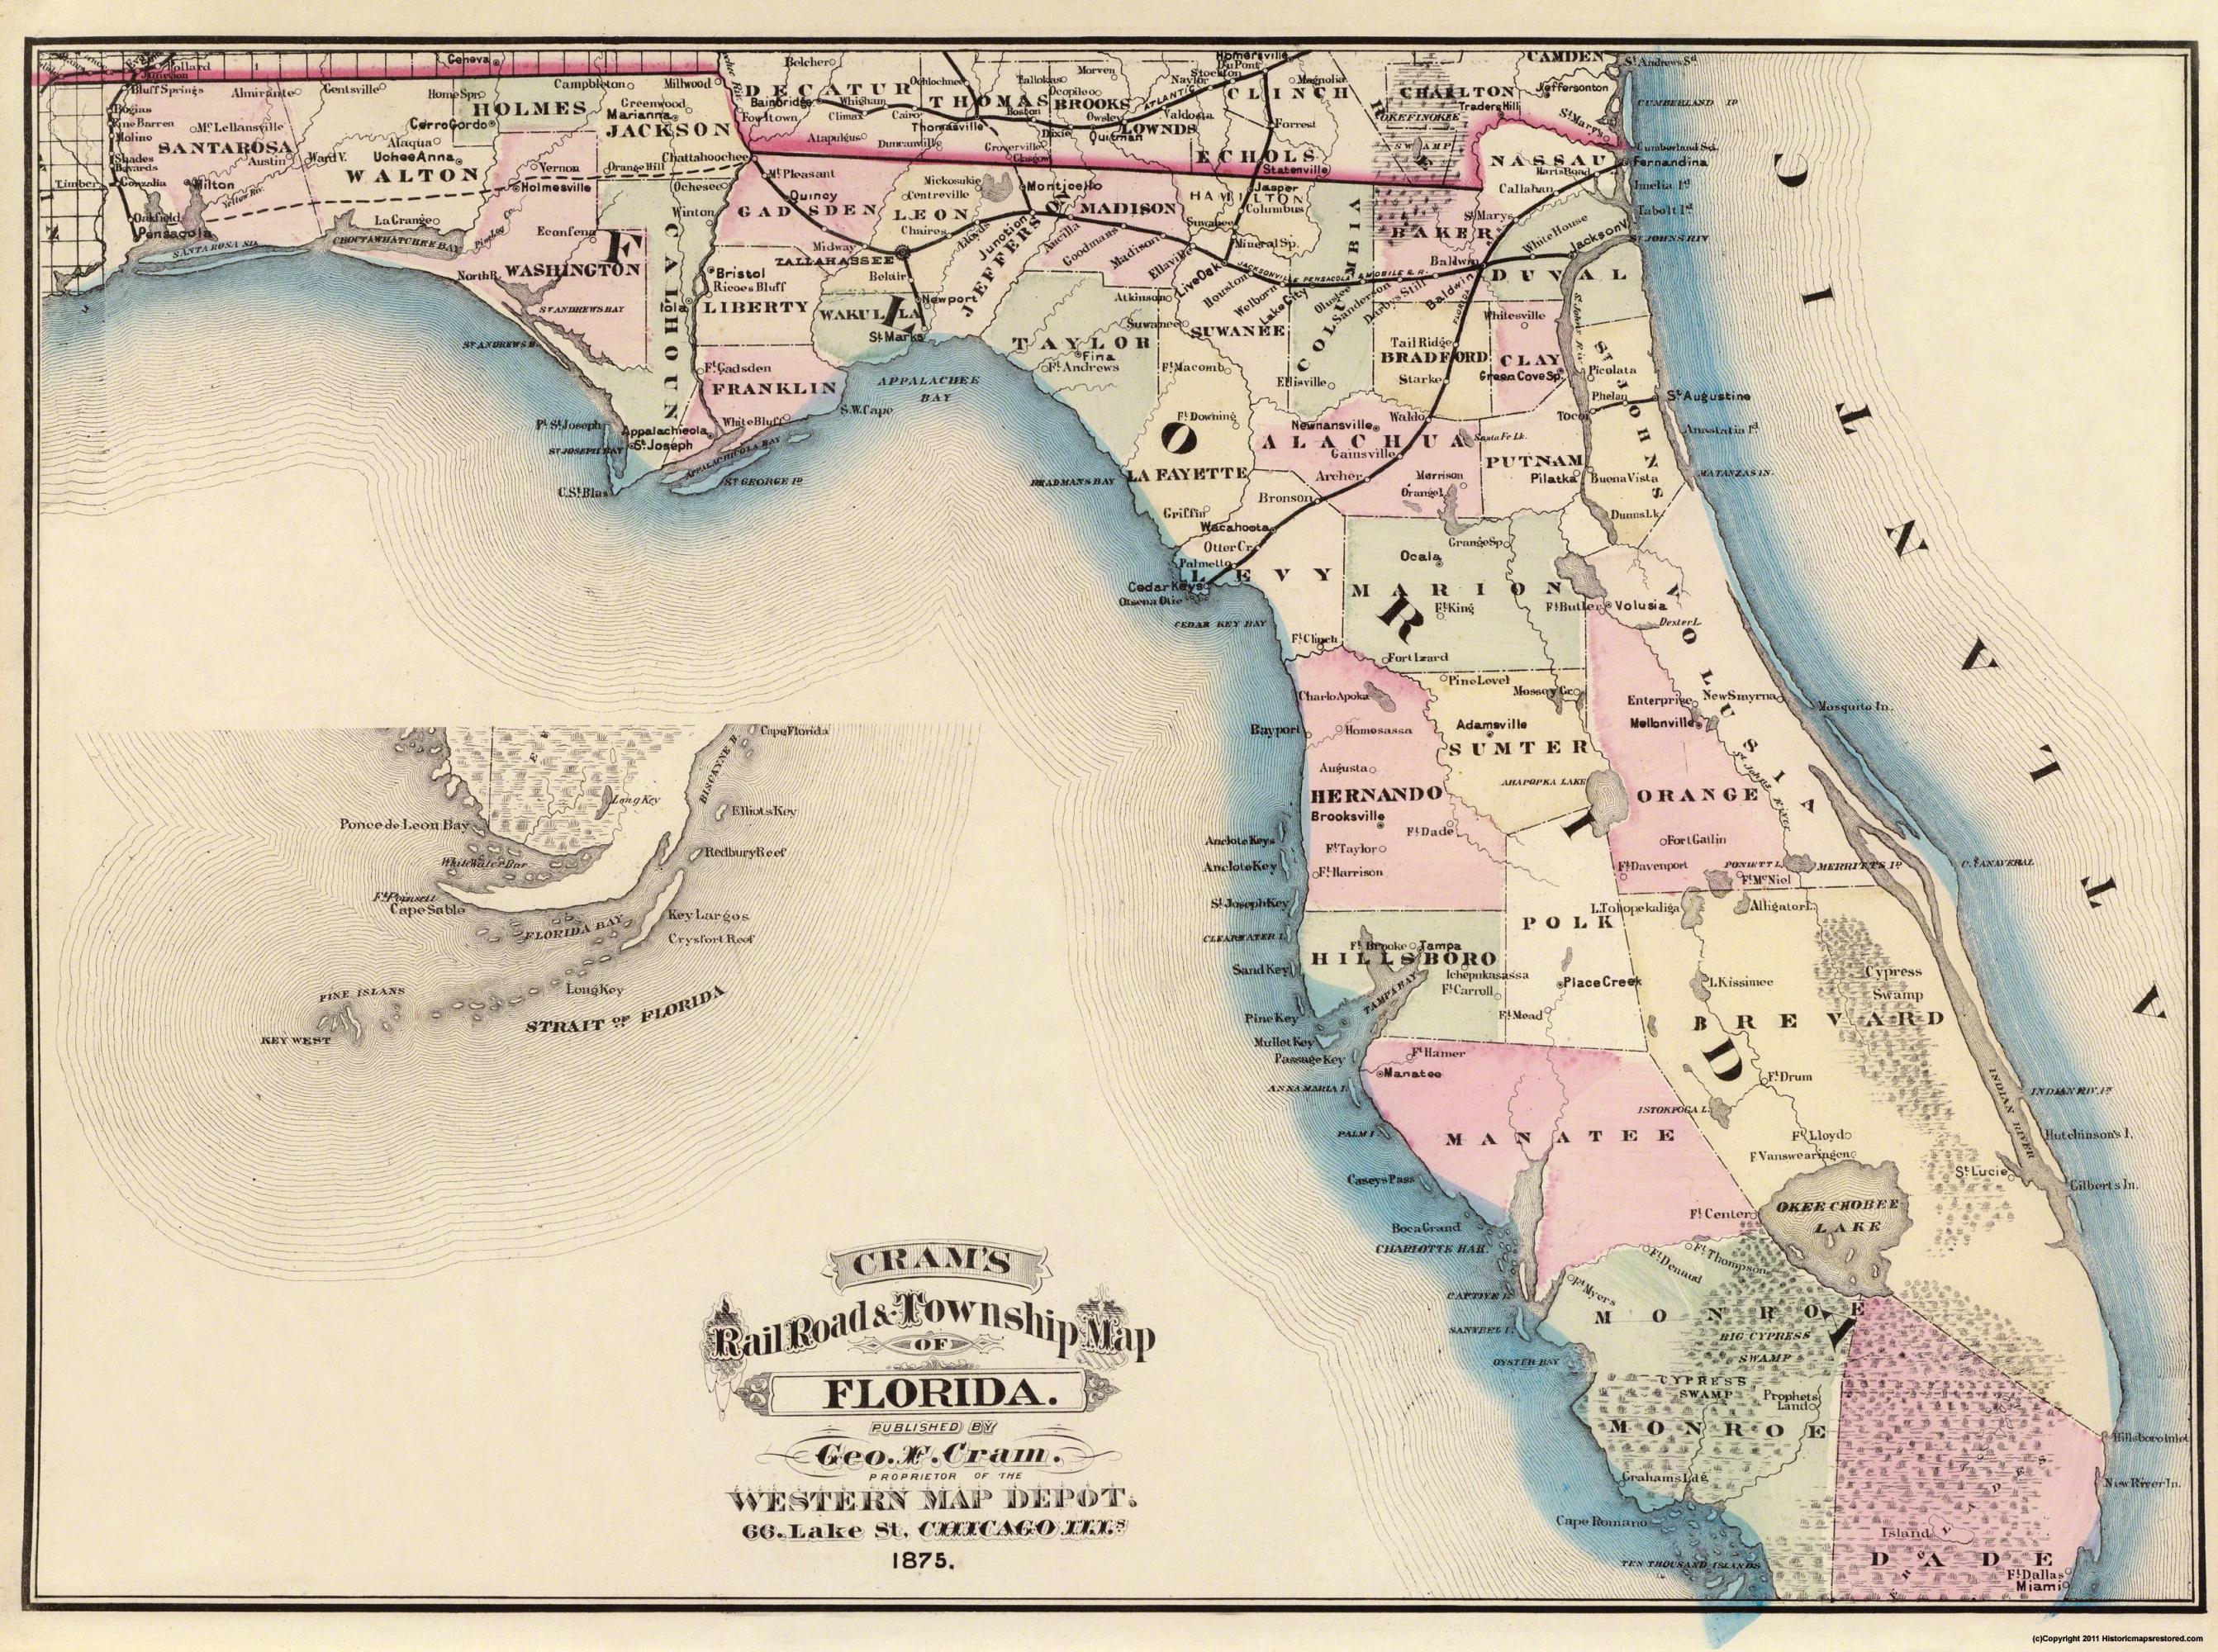 Old State Map - Florida - Cram 1875